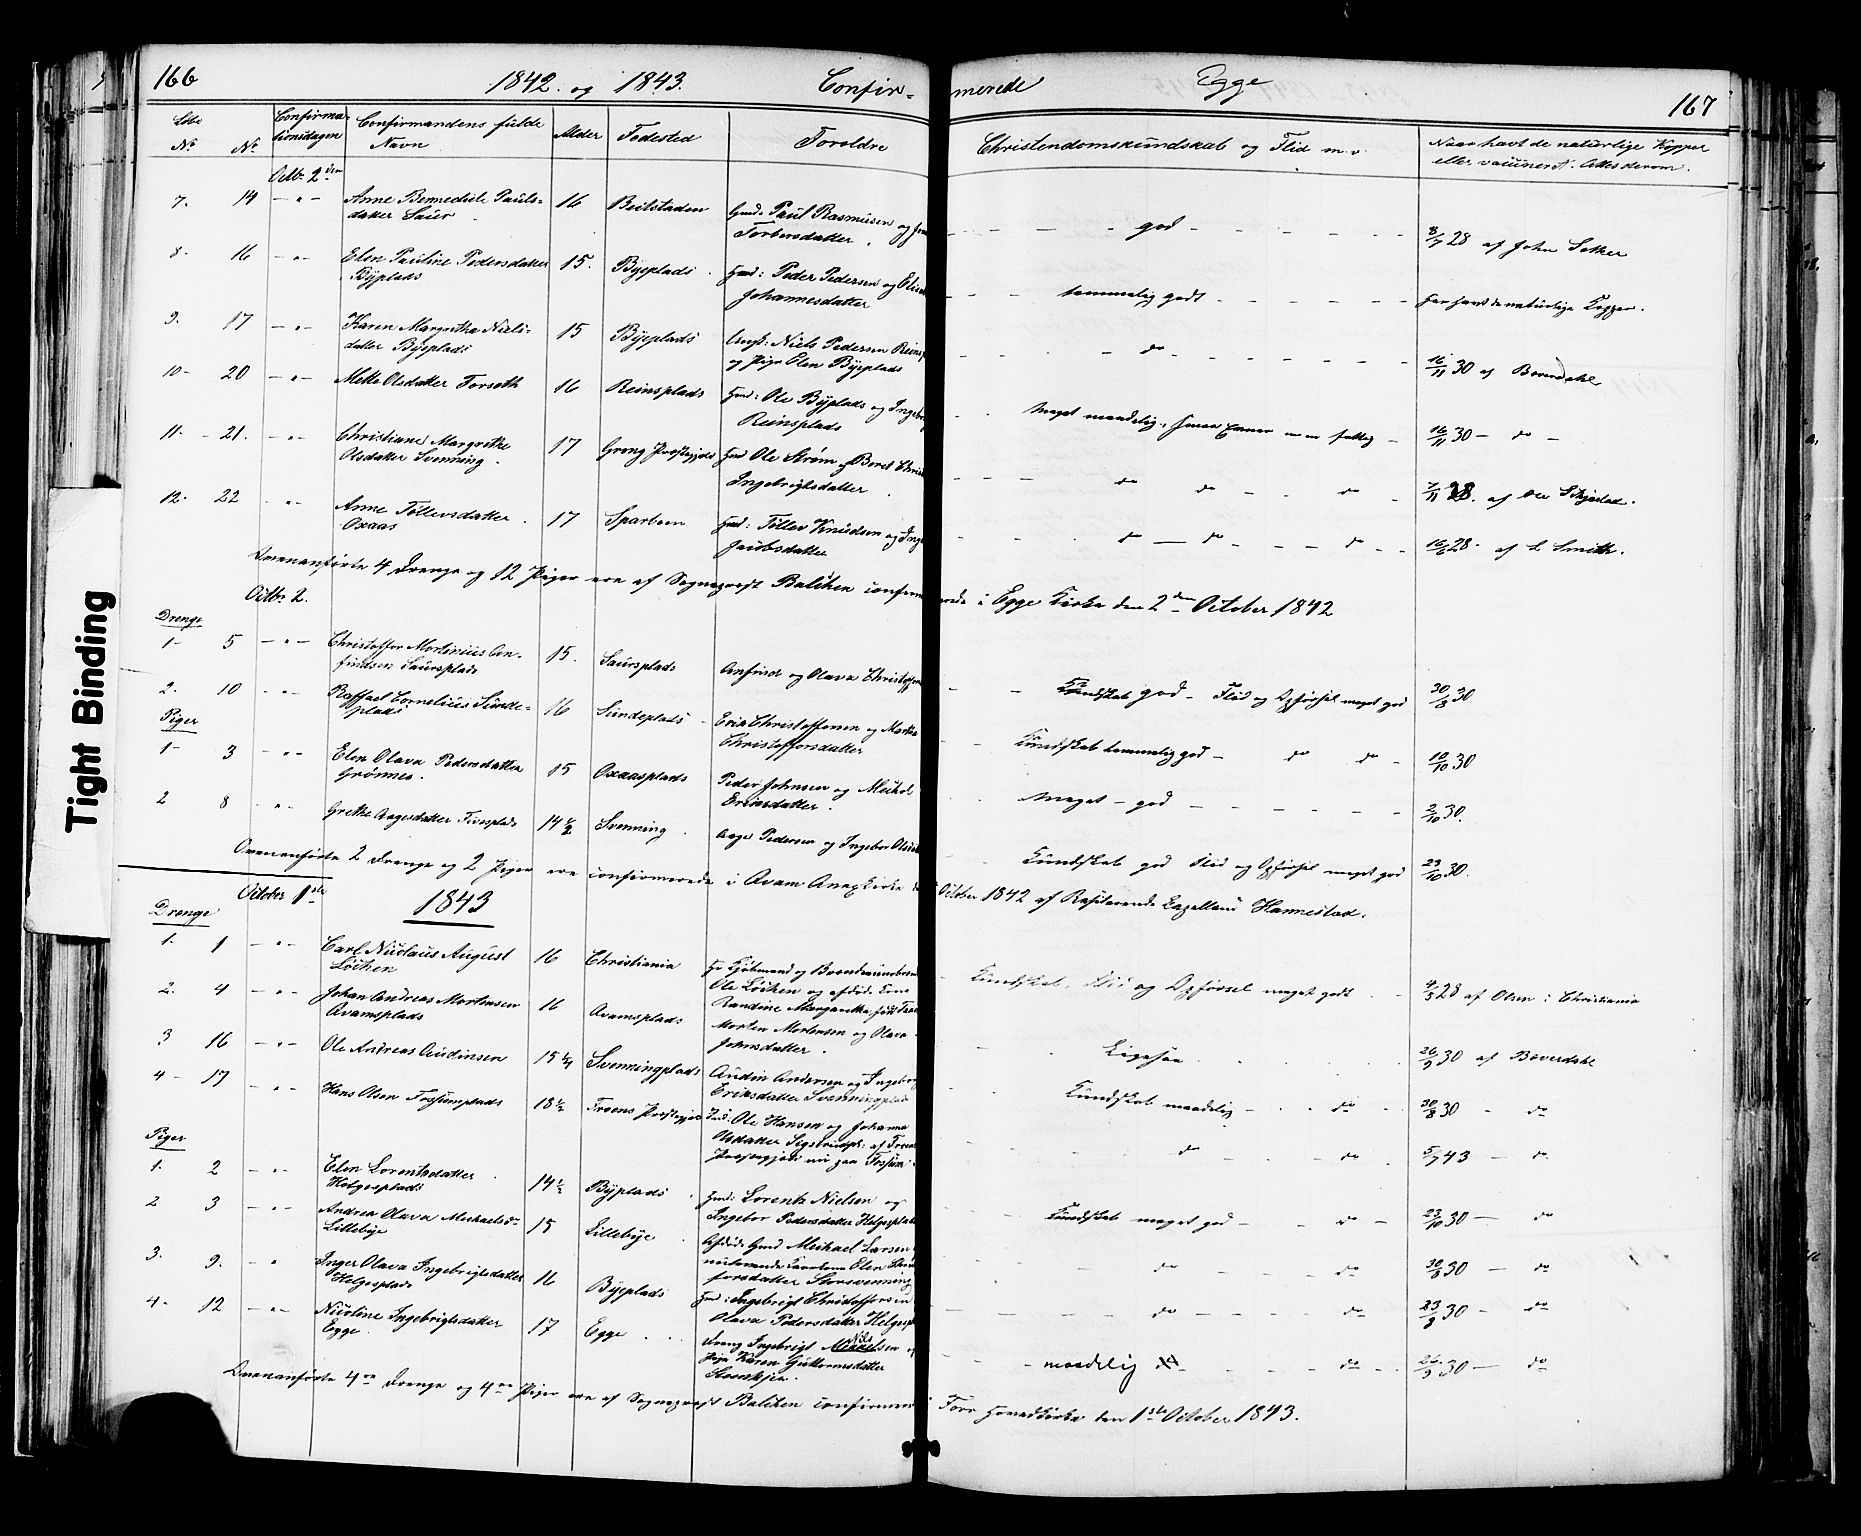 SAT, Ministerialprotokoller, klokkerbøker og fødselsregistre - Nord-Trøndelag, 739/L0367: Ministerialbok nr. 739A01 /3, 1838-1868, s. 166-167